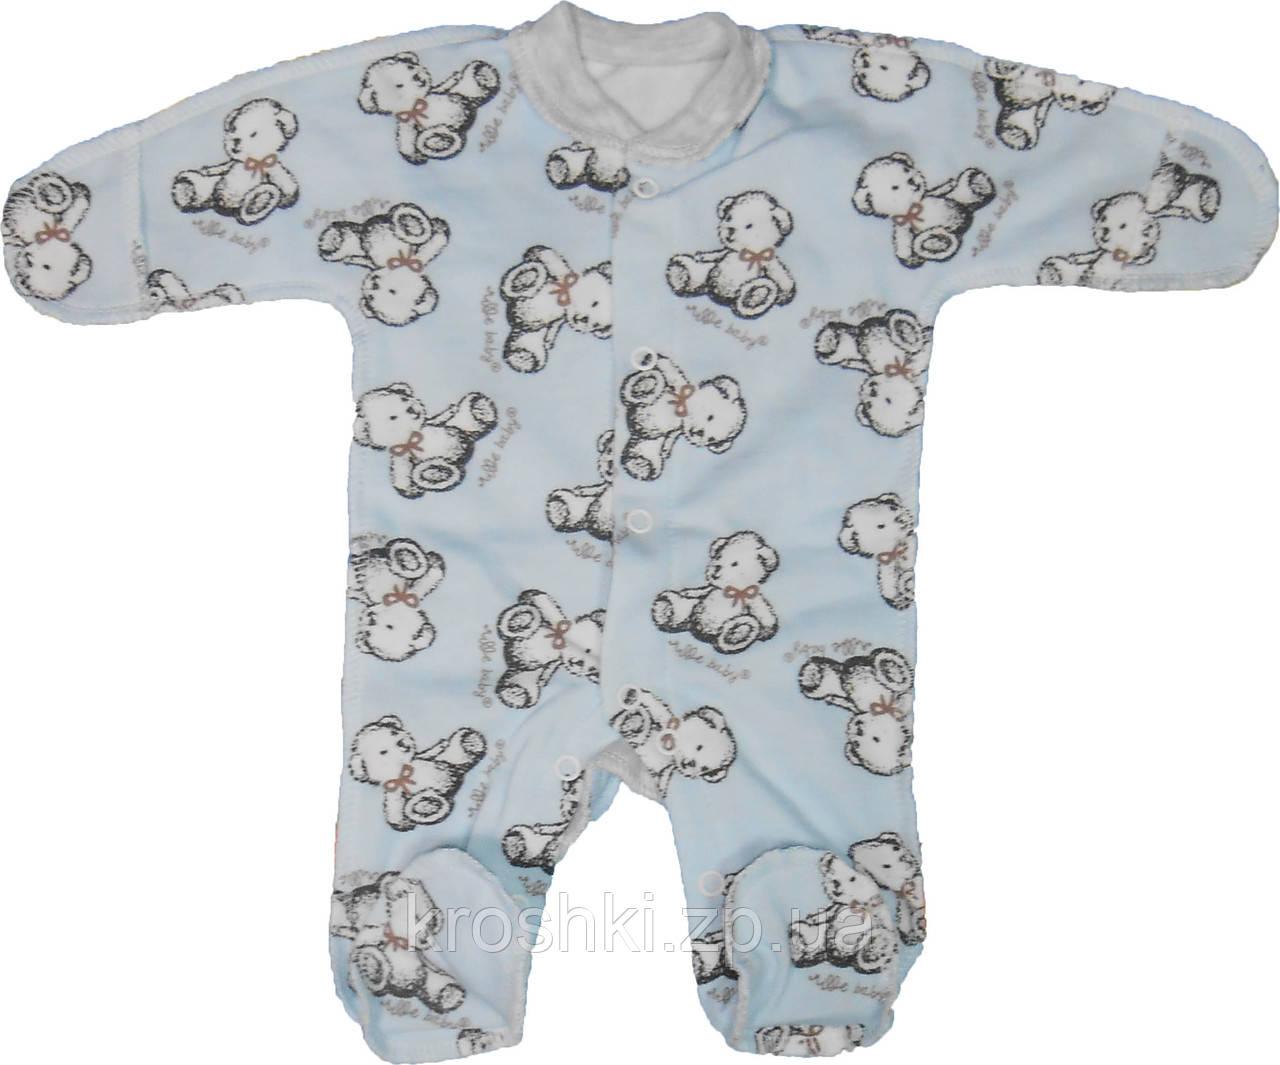 Чоловічок для маловагих дітей інтерлок зростання 42,46,50, одяг для недоношених